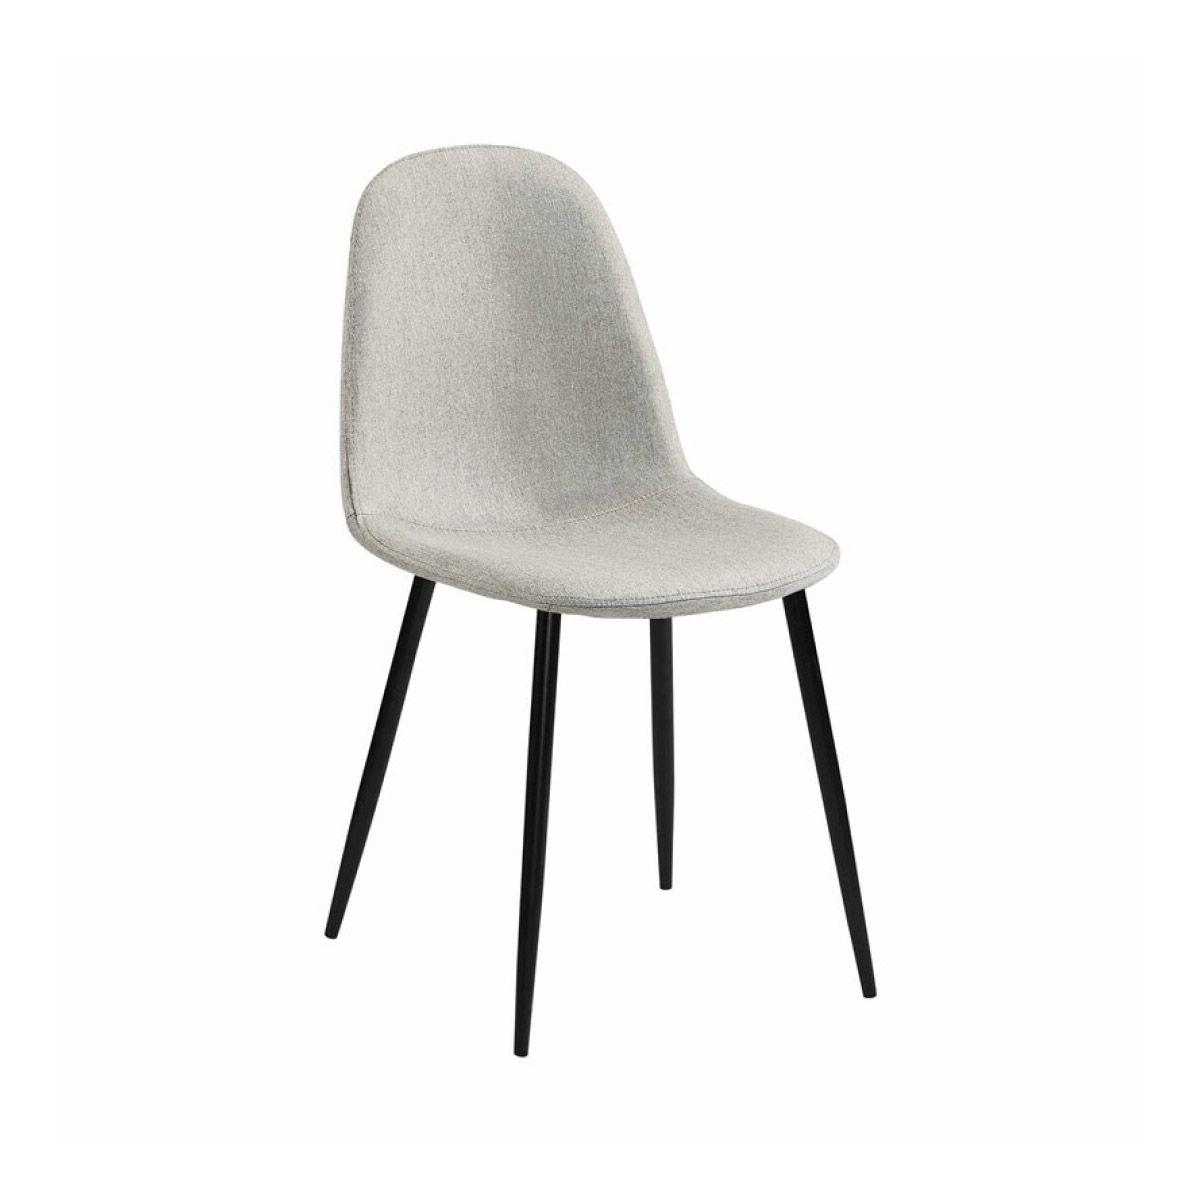 Chaise scandinave en tissu gris/beige pieds noirs